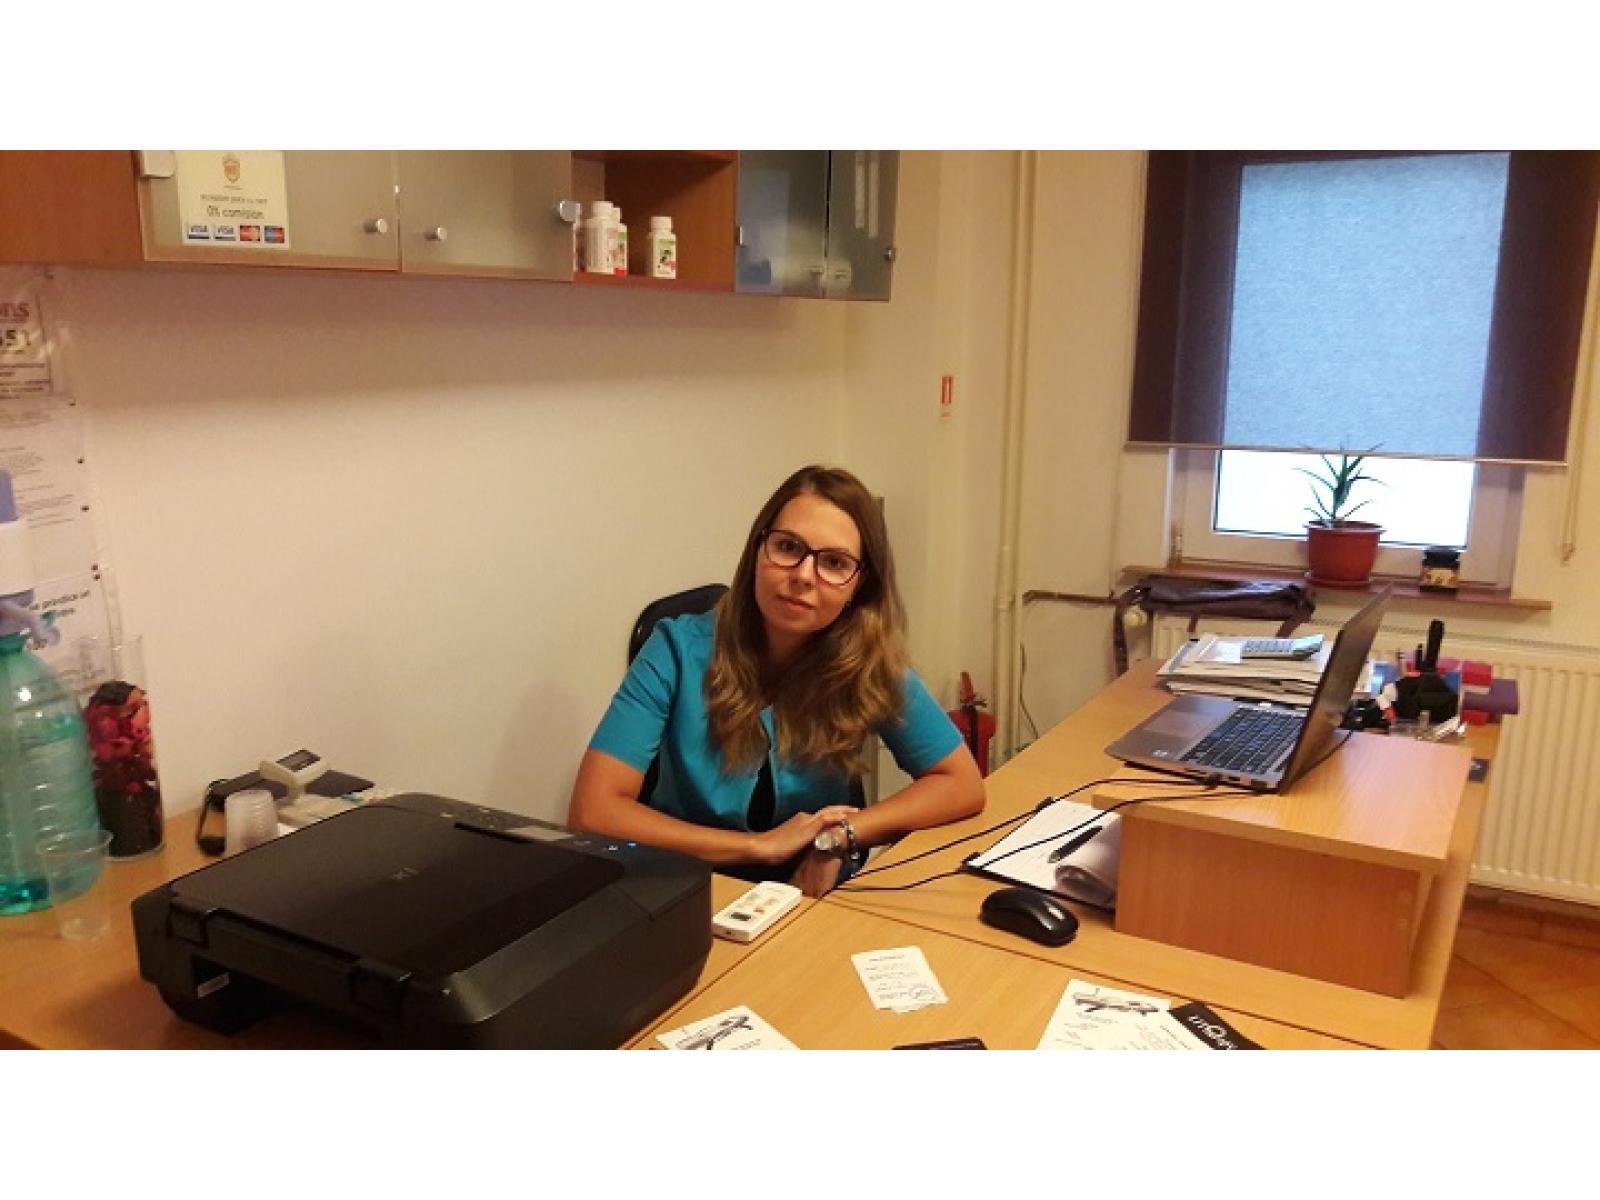 LITherapy - Dr._Simona_Botezatu_-_Medic_Medicină_Fizica,_Recuperare_Medicală_&_Balneologie.jpg